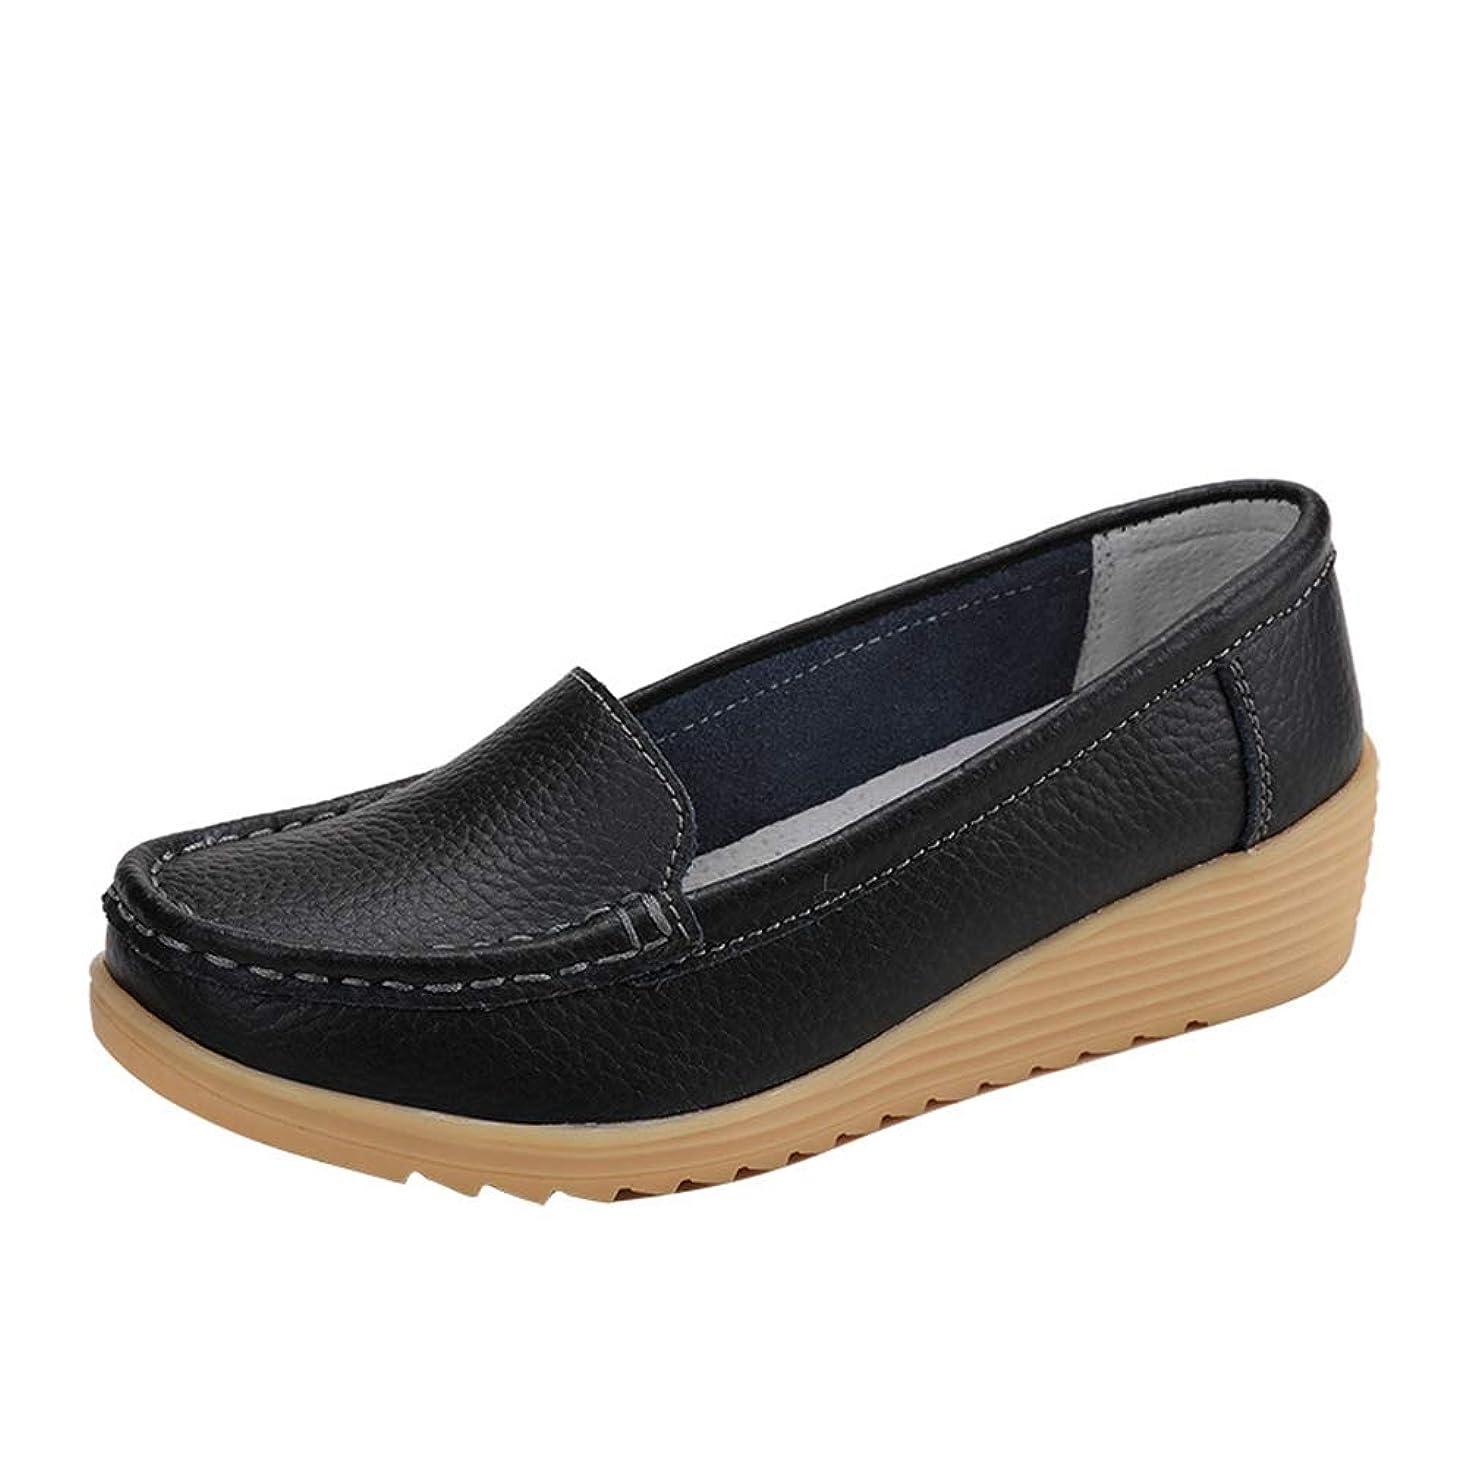 キッチン住むに勝る[HR株式会社] パンプス レディース 婦人靴 ナースシューズ ローヒール スリッポン 軽い 滑り止め 柔らかい 歩きやすい 疲れない 痛くない 大きいサイズ22.0cm-25.5cm